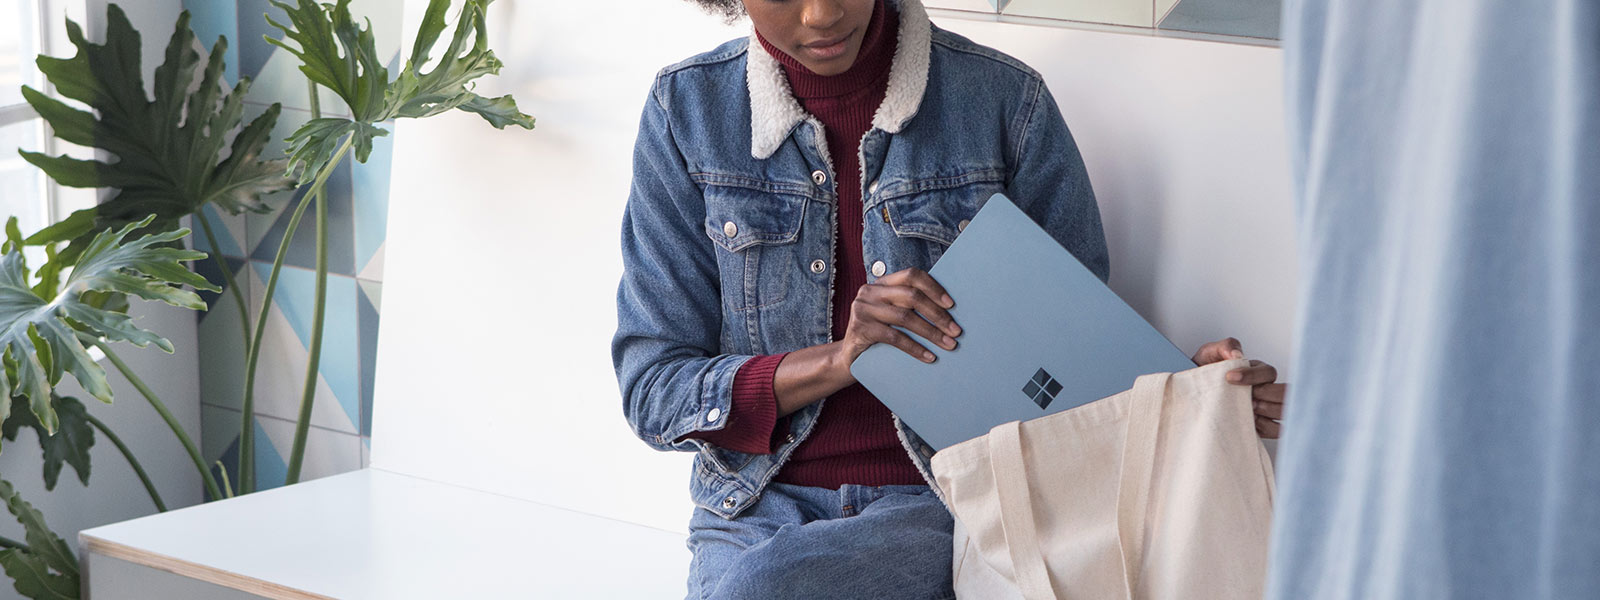 Kvinne som legger Surface Laptop i vesken.